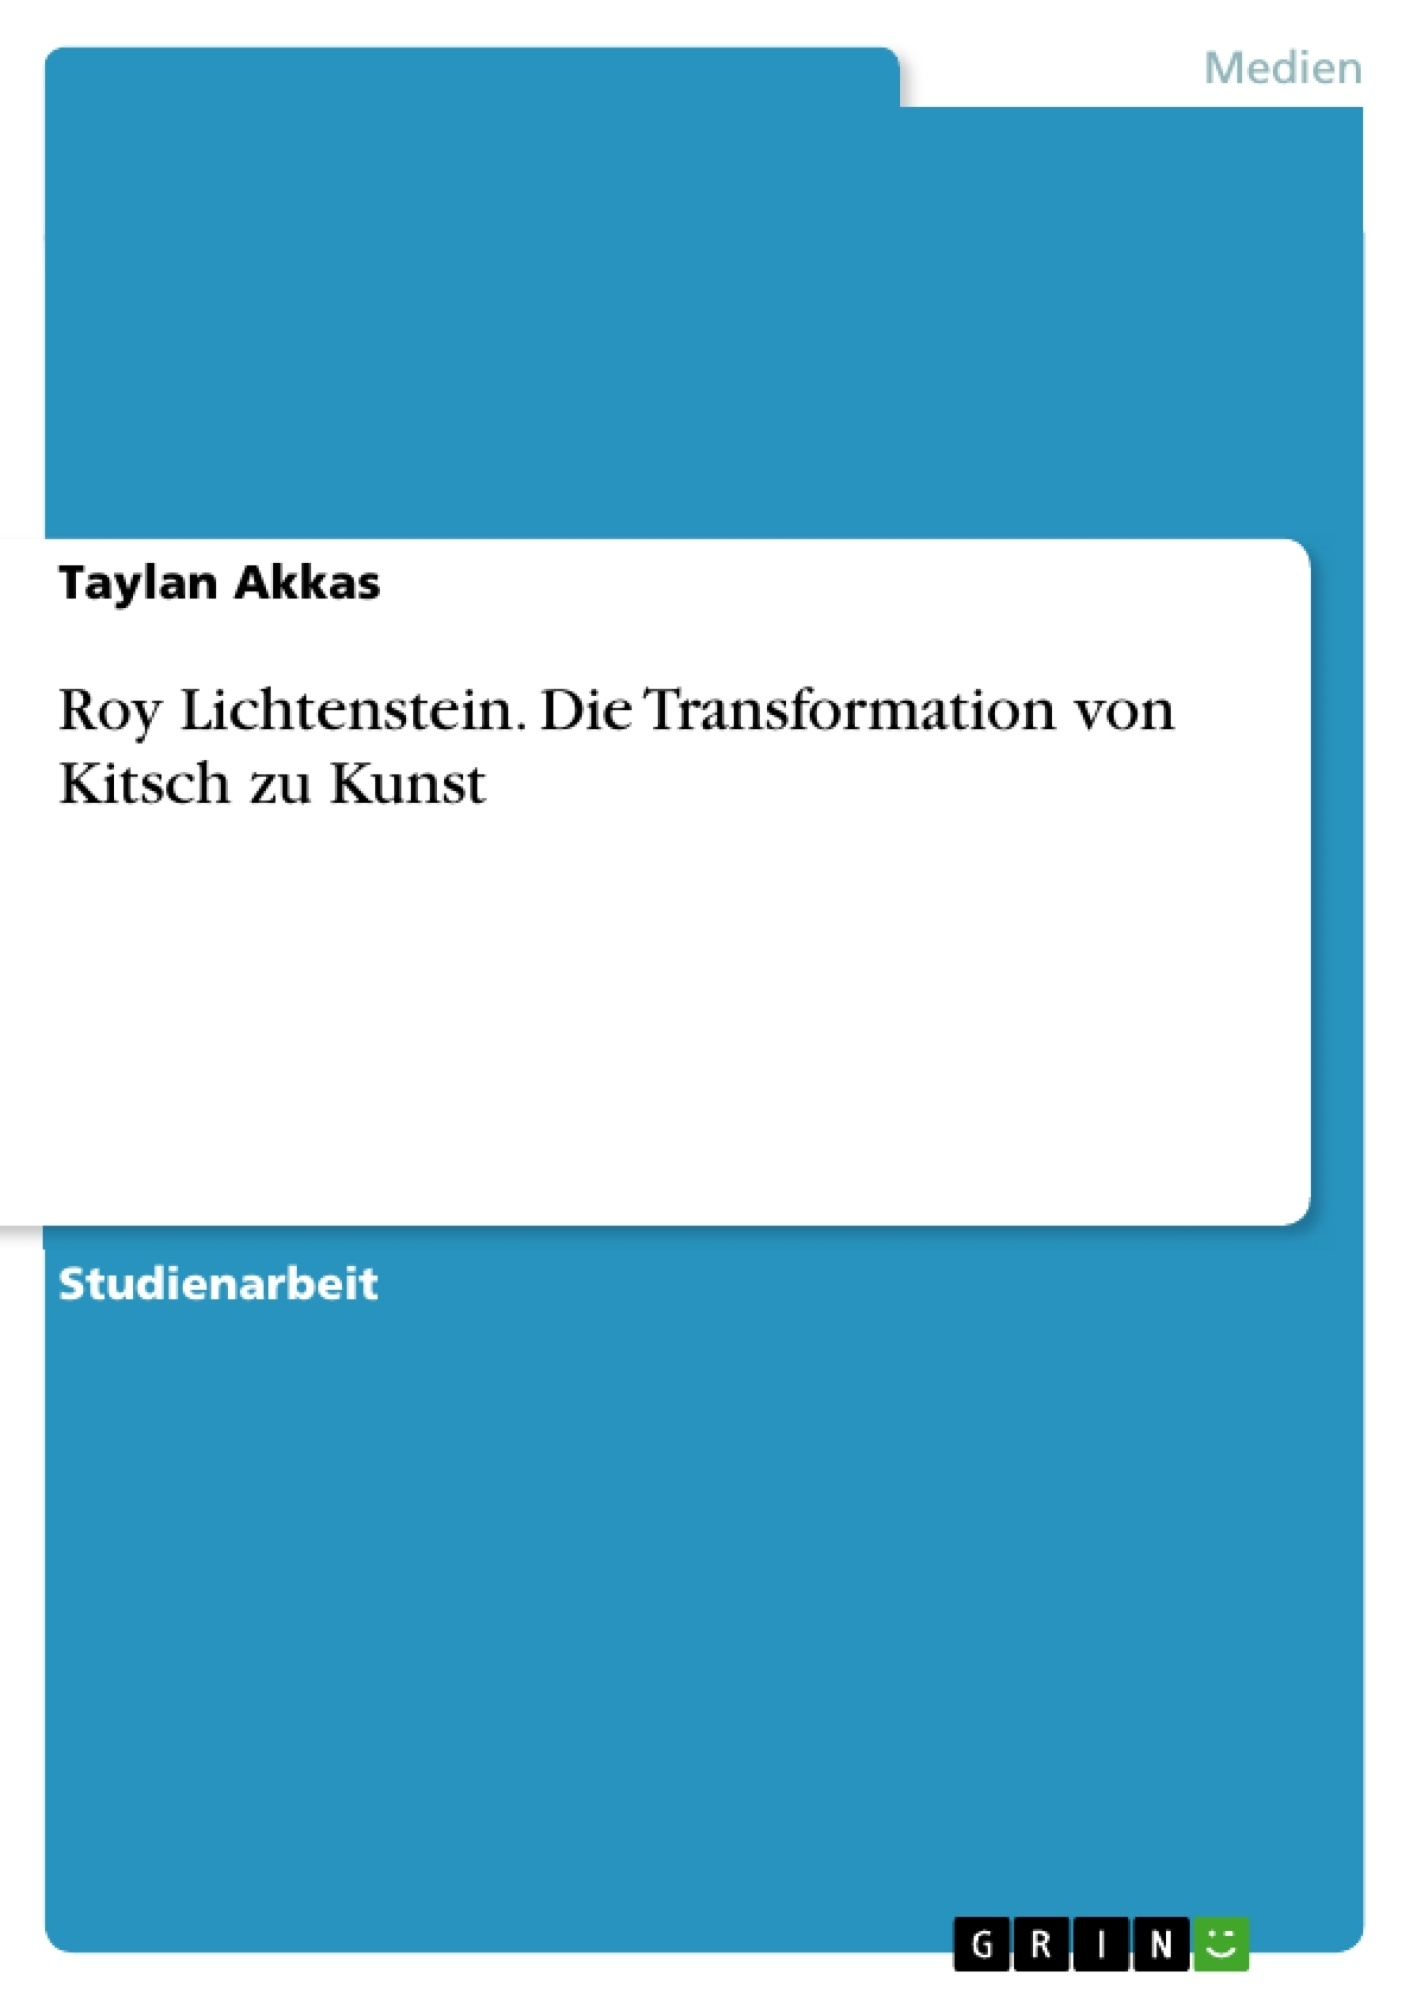 Titel: Roy Lichtenstein. Die Transformation von Kitsch zu Kunst